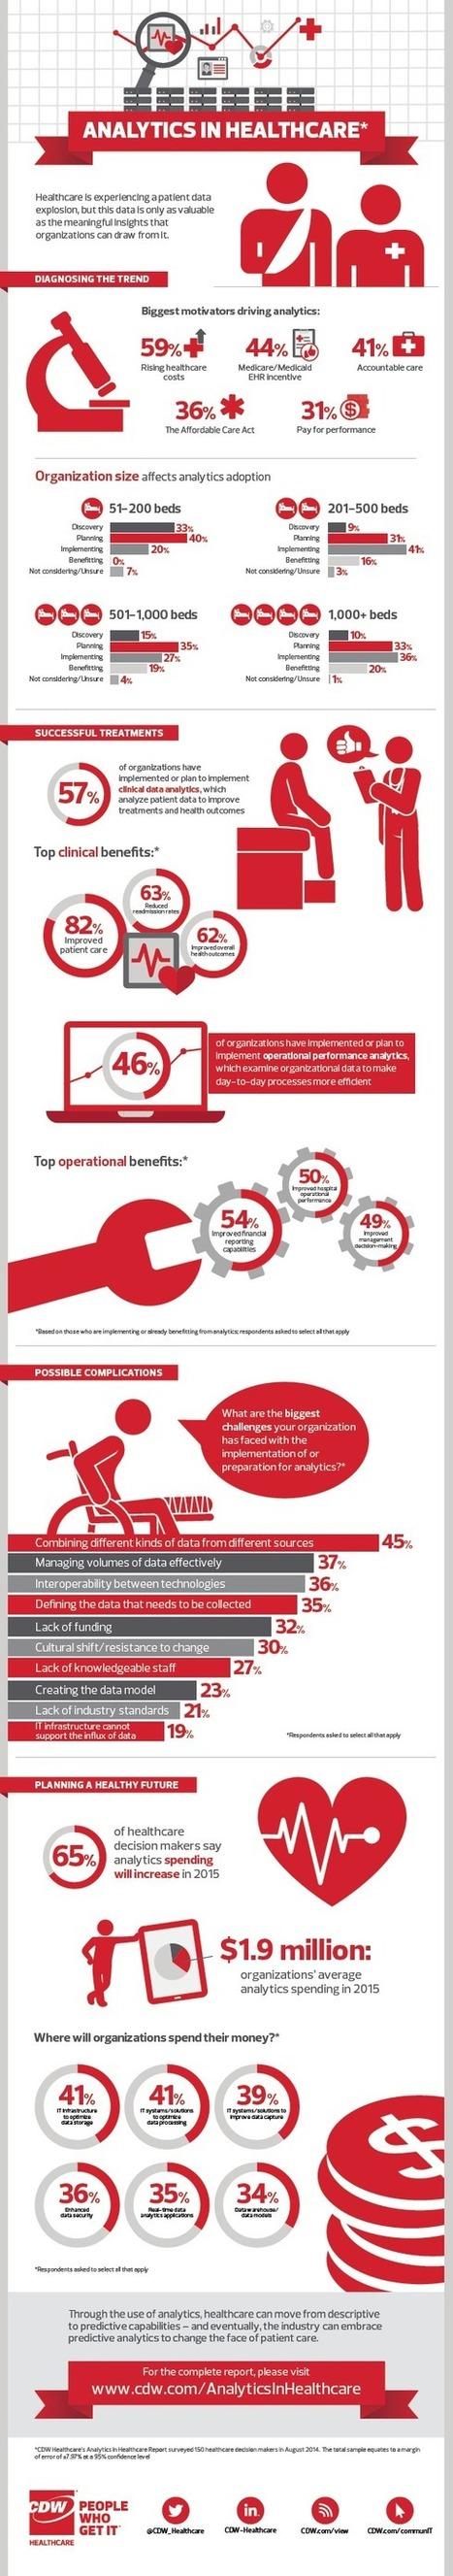 Infographic: Big Data Analytics in Healthcare   digital healthcare 1   Scoop.it